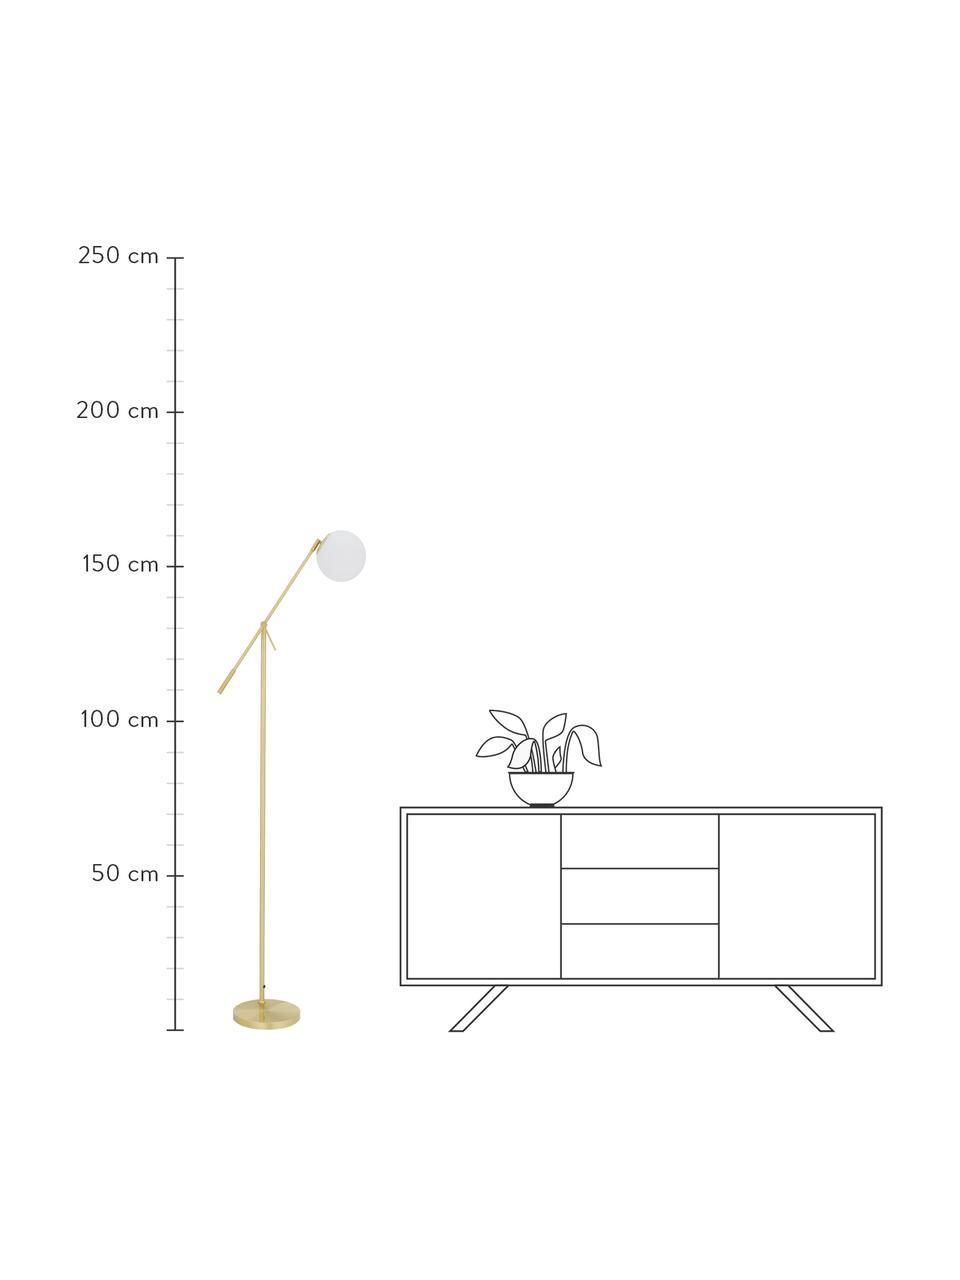 Stehlampe Moon aus Opalglas, Lampenschirm: Glas, Lampenfuß: Metall, vermessingt, Baldachin und Fassung: Messing, gebürstetLampenschirm: WeißKabel: Schwarz, B 70 x H 162 cm